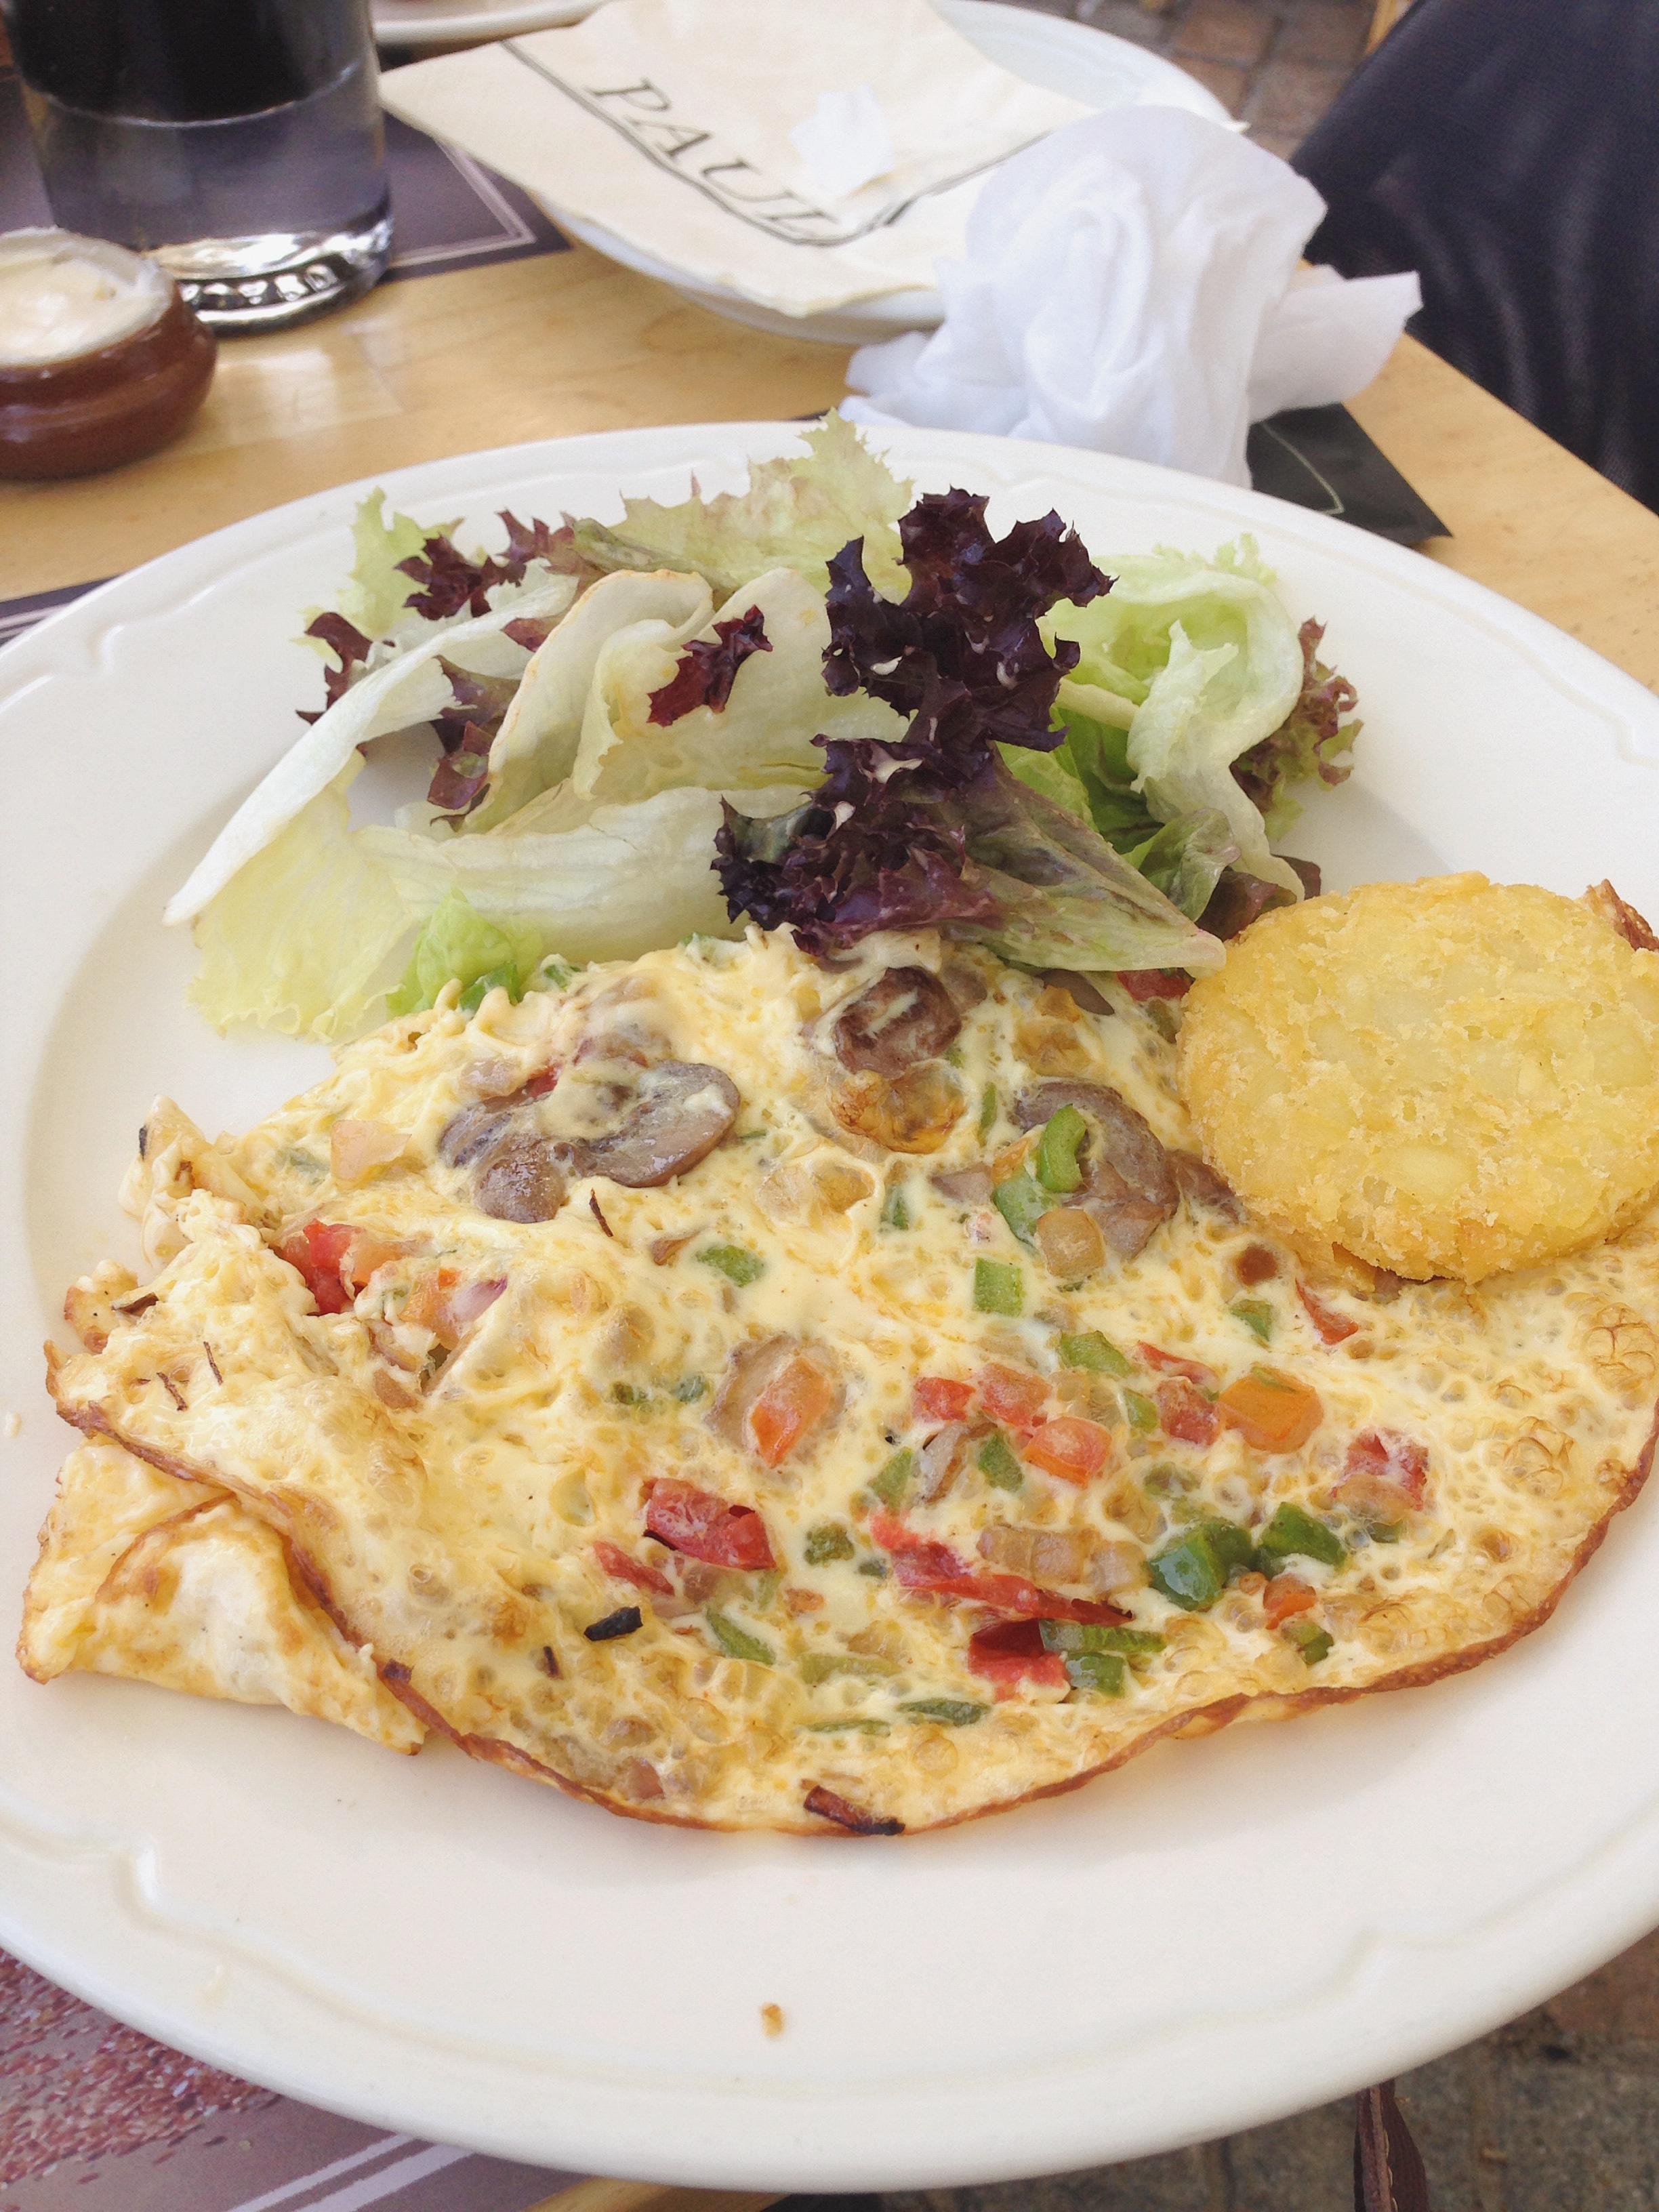 omelette breakfast in JBR Paul